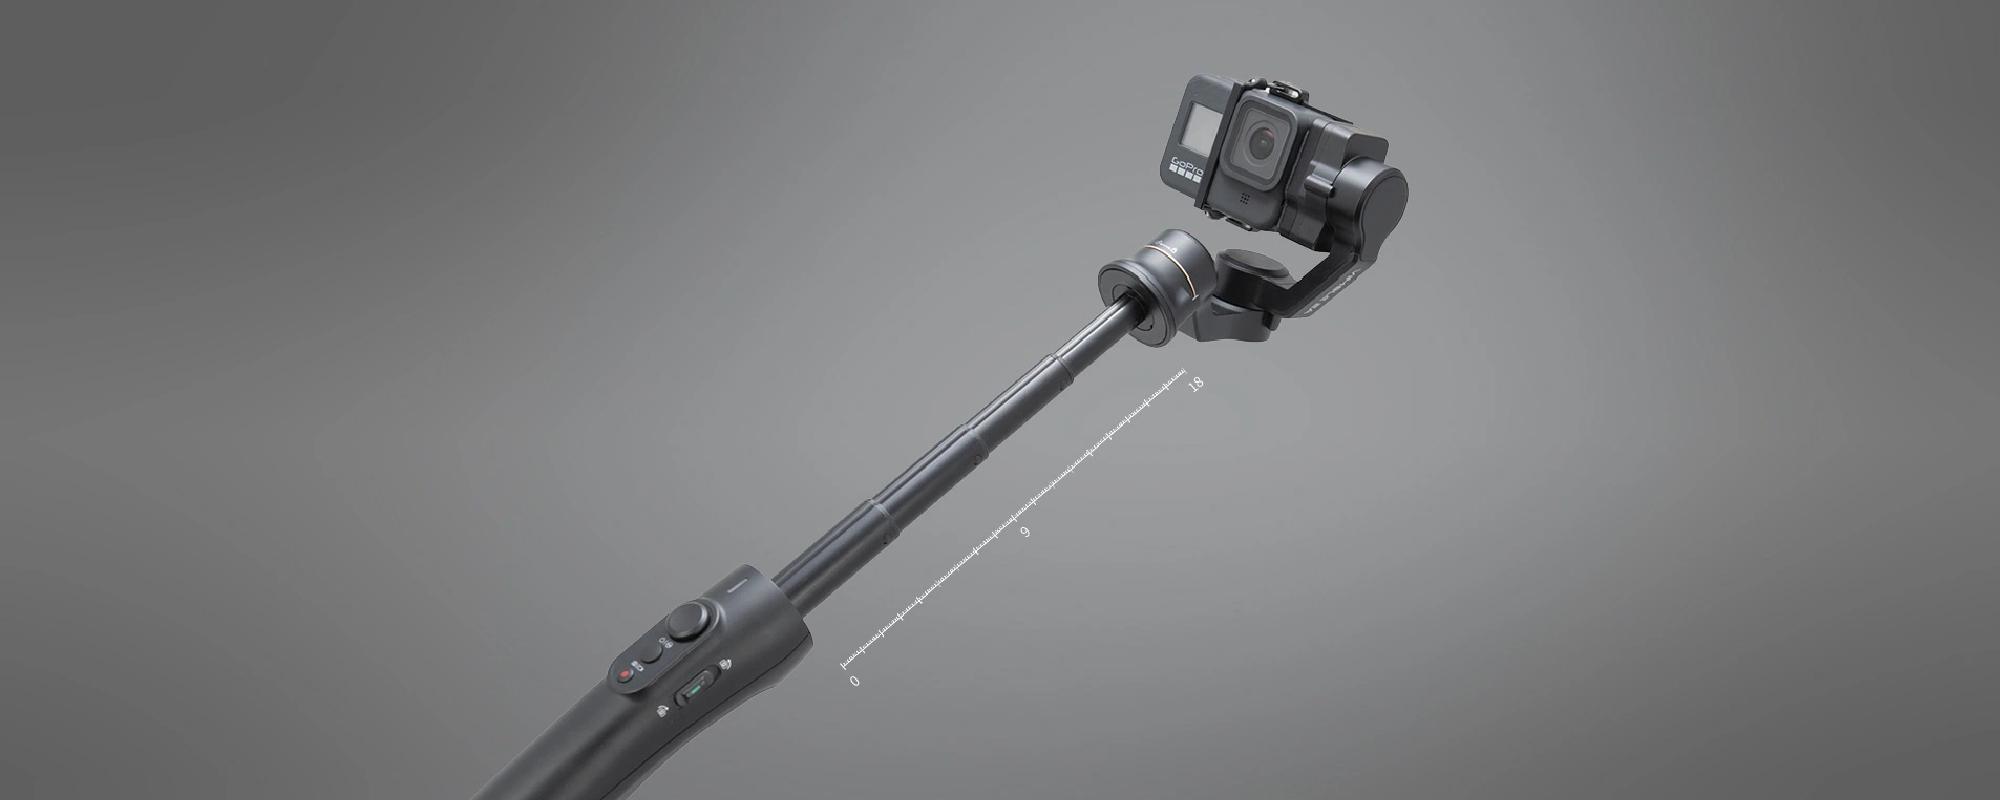 Grafika - Gimbal ręczny FeiyuTech Vimble 2A do kamer sportowych_02.jpg